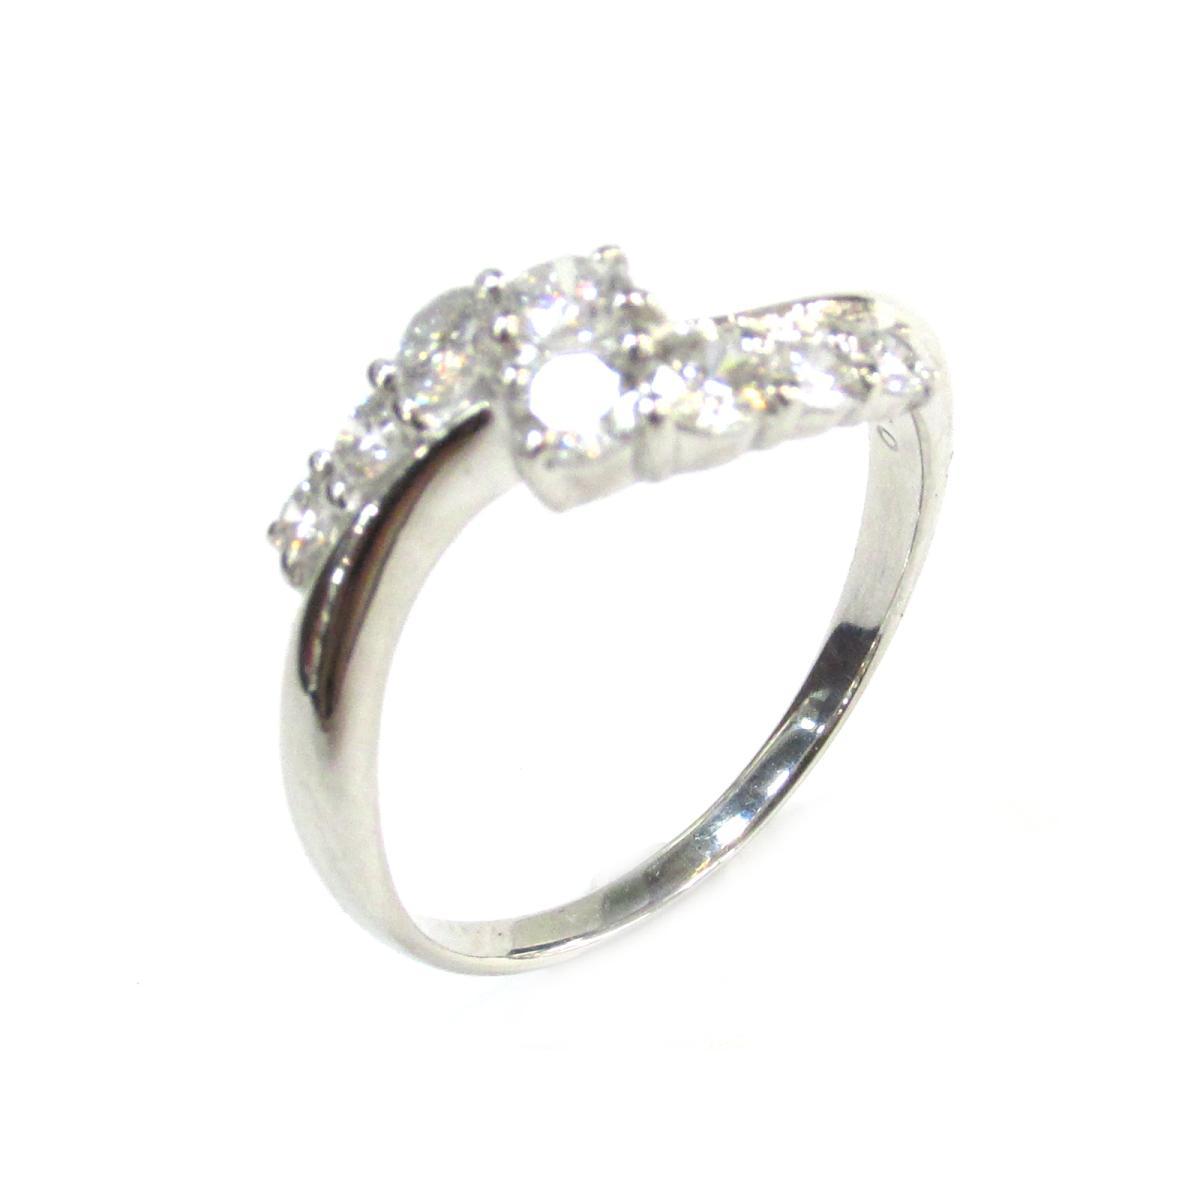 【中古】 ジュエリー ダイヤモンド リング 指輪 レディース PT900 プラチナ x (0.50ct) クリアー シルバー | JEWELRY BRANDOFF ブランドオフ ブランド アクセサリー